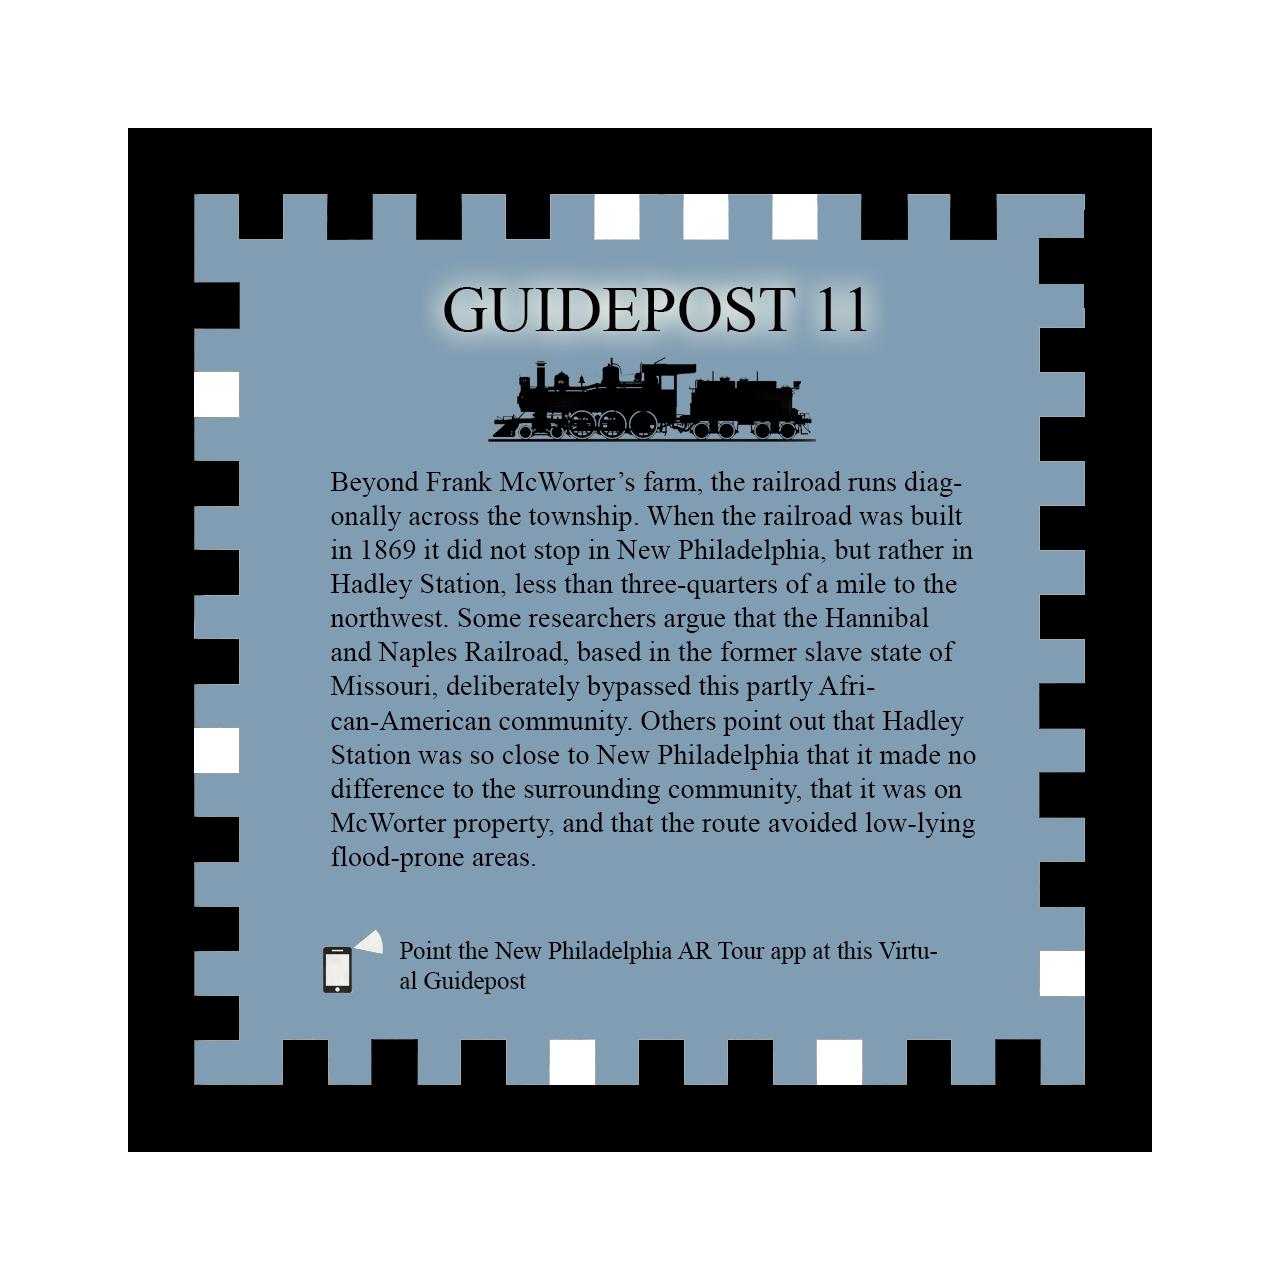 GuidePost11